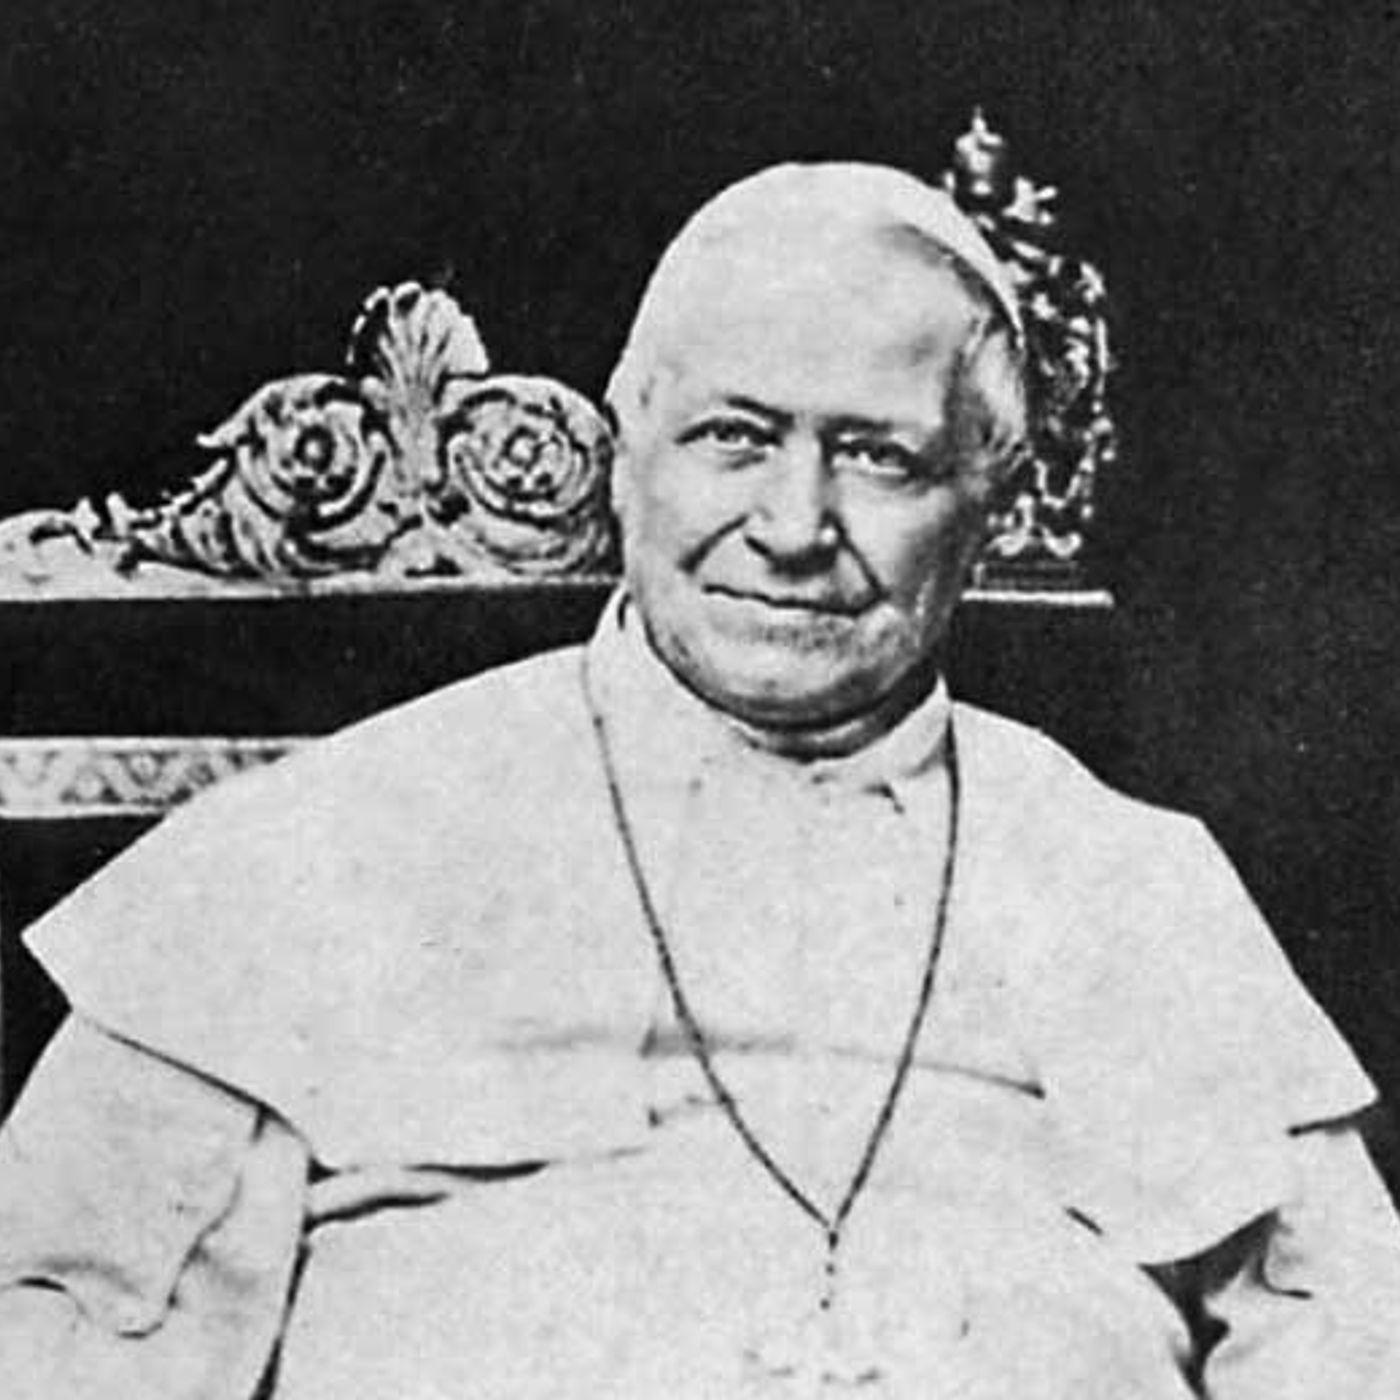 160 - Il miracolo del beato Pio IX